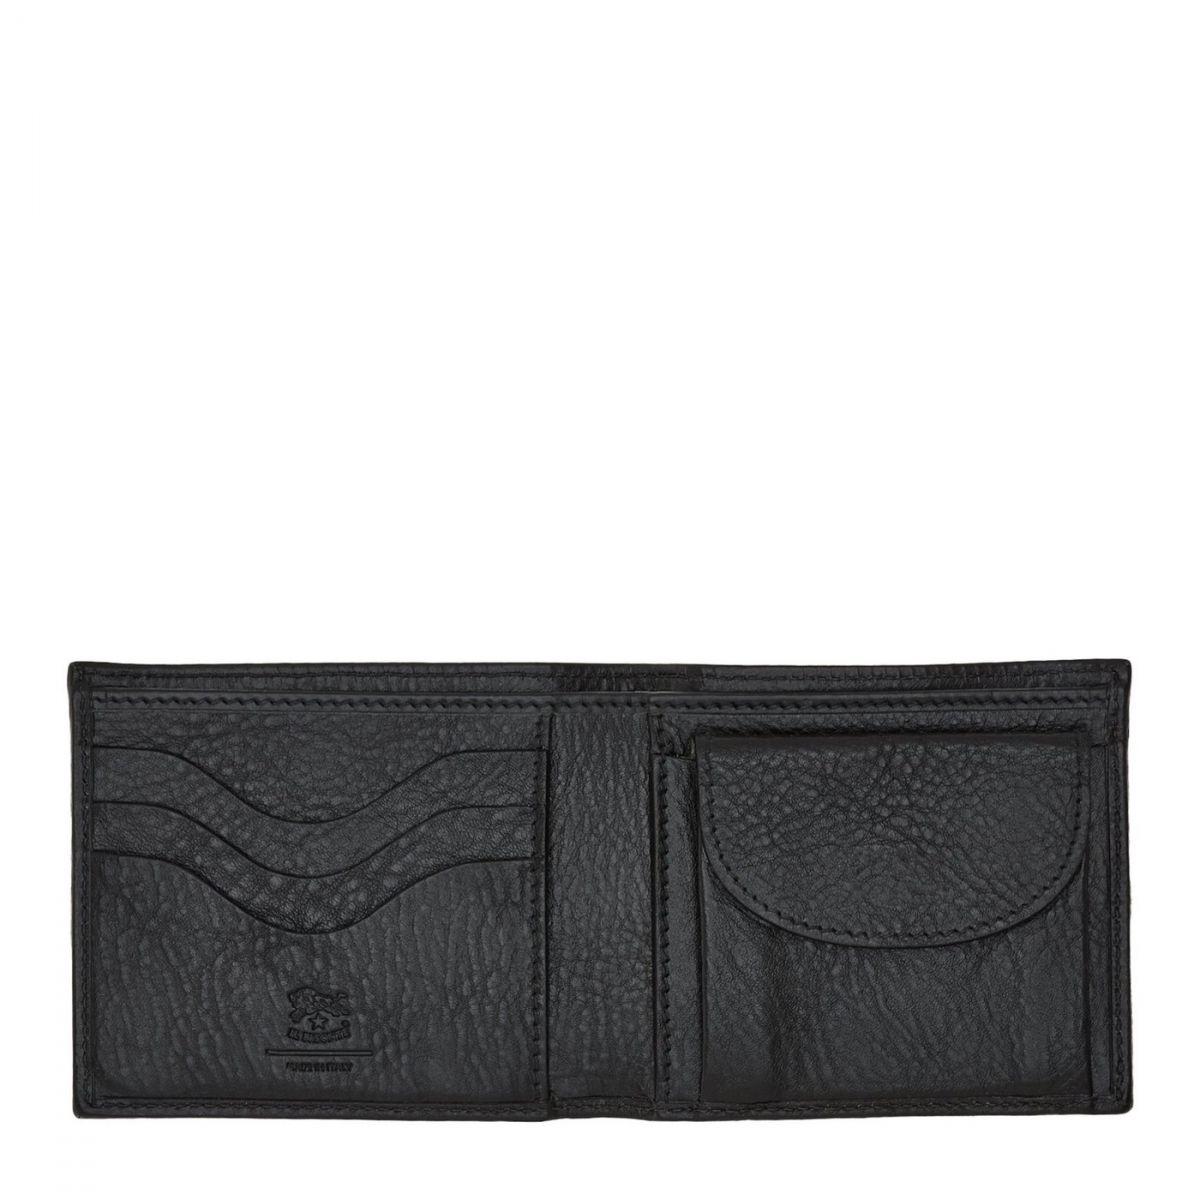 Men's Bi-Fold Wallet  in Cowhide Leather SBW041 color Black | Details